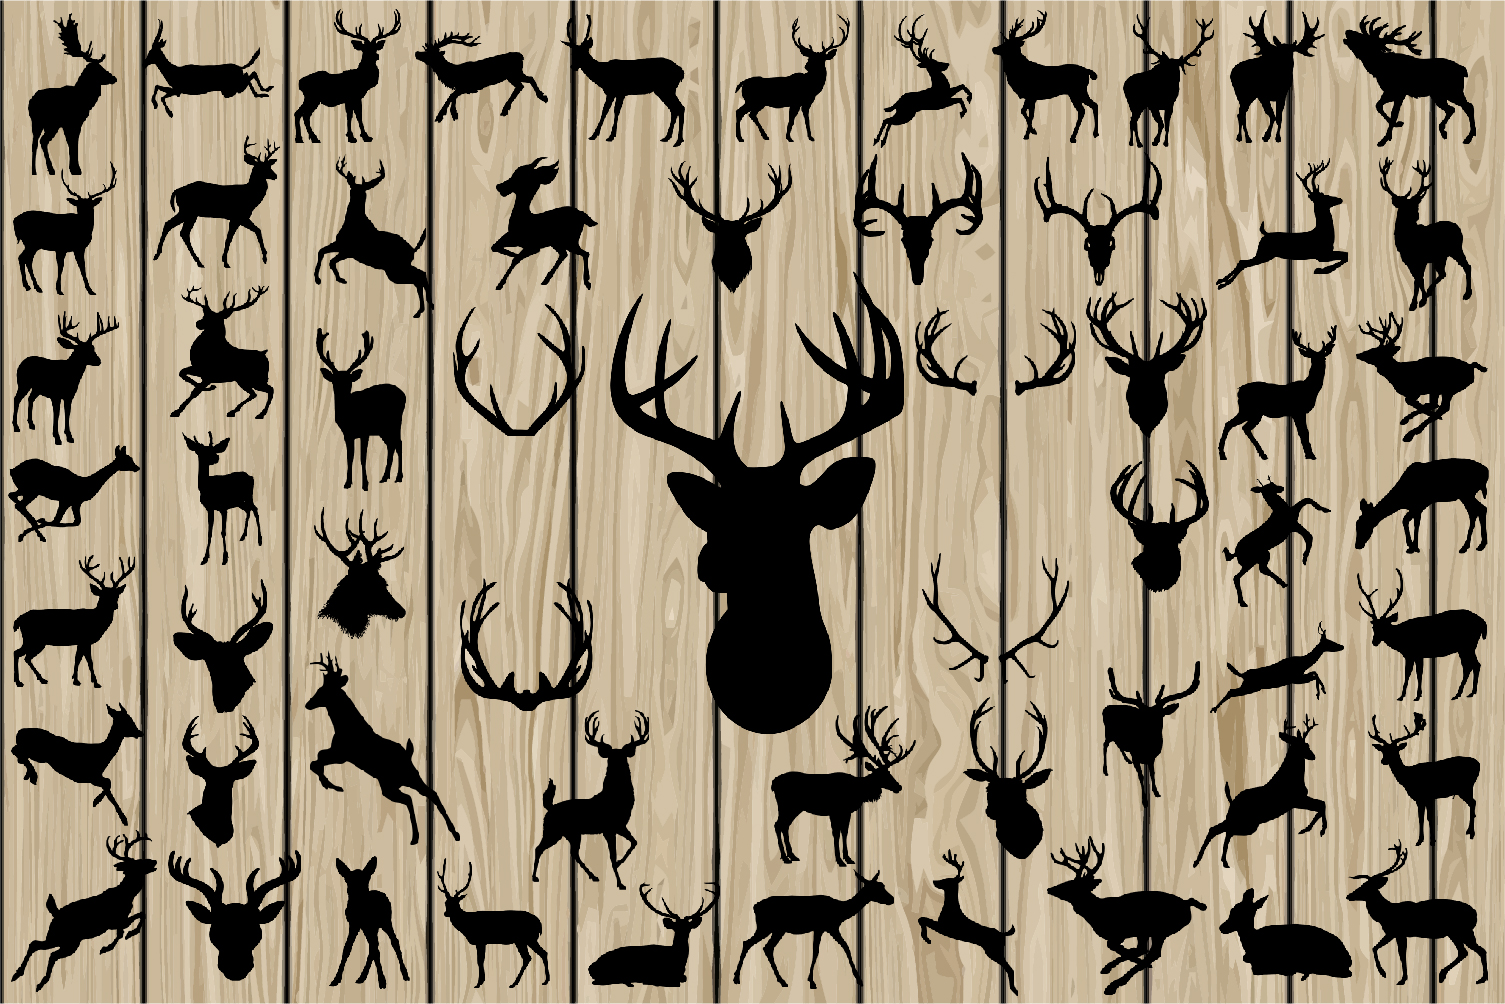 60 Deer SVG, Deer EPS, Deer Vector, Deer Silhouette Clipart, Deer DXF, Deer Png, Antler svg, Antler vector, Antler dxf, Antler eps, Horn Svg example image 1